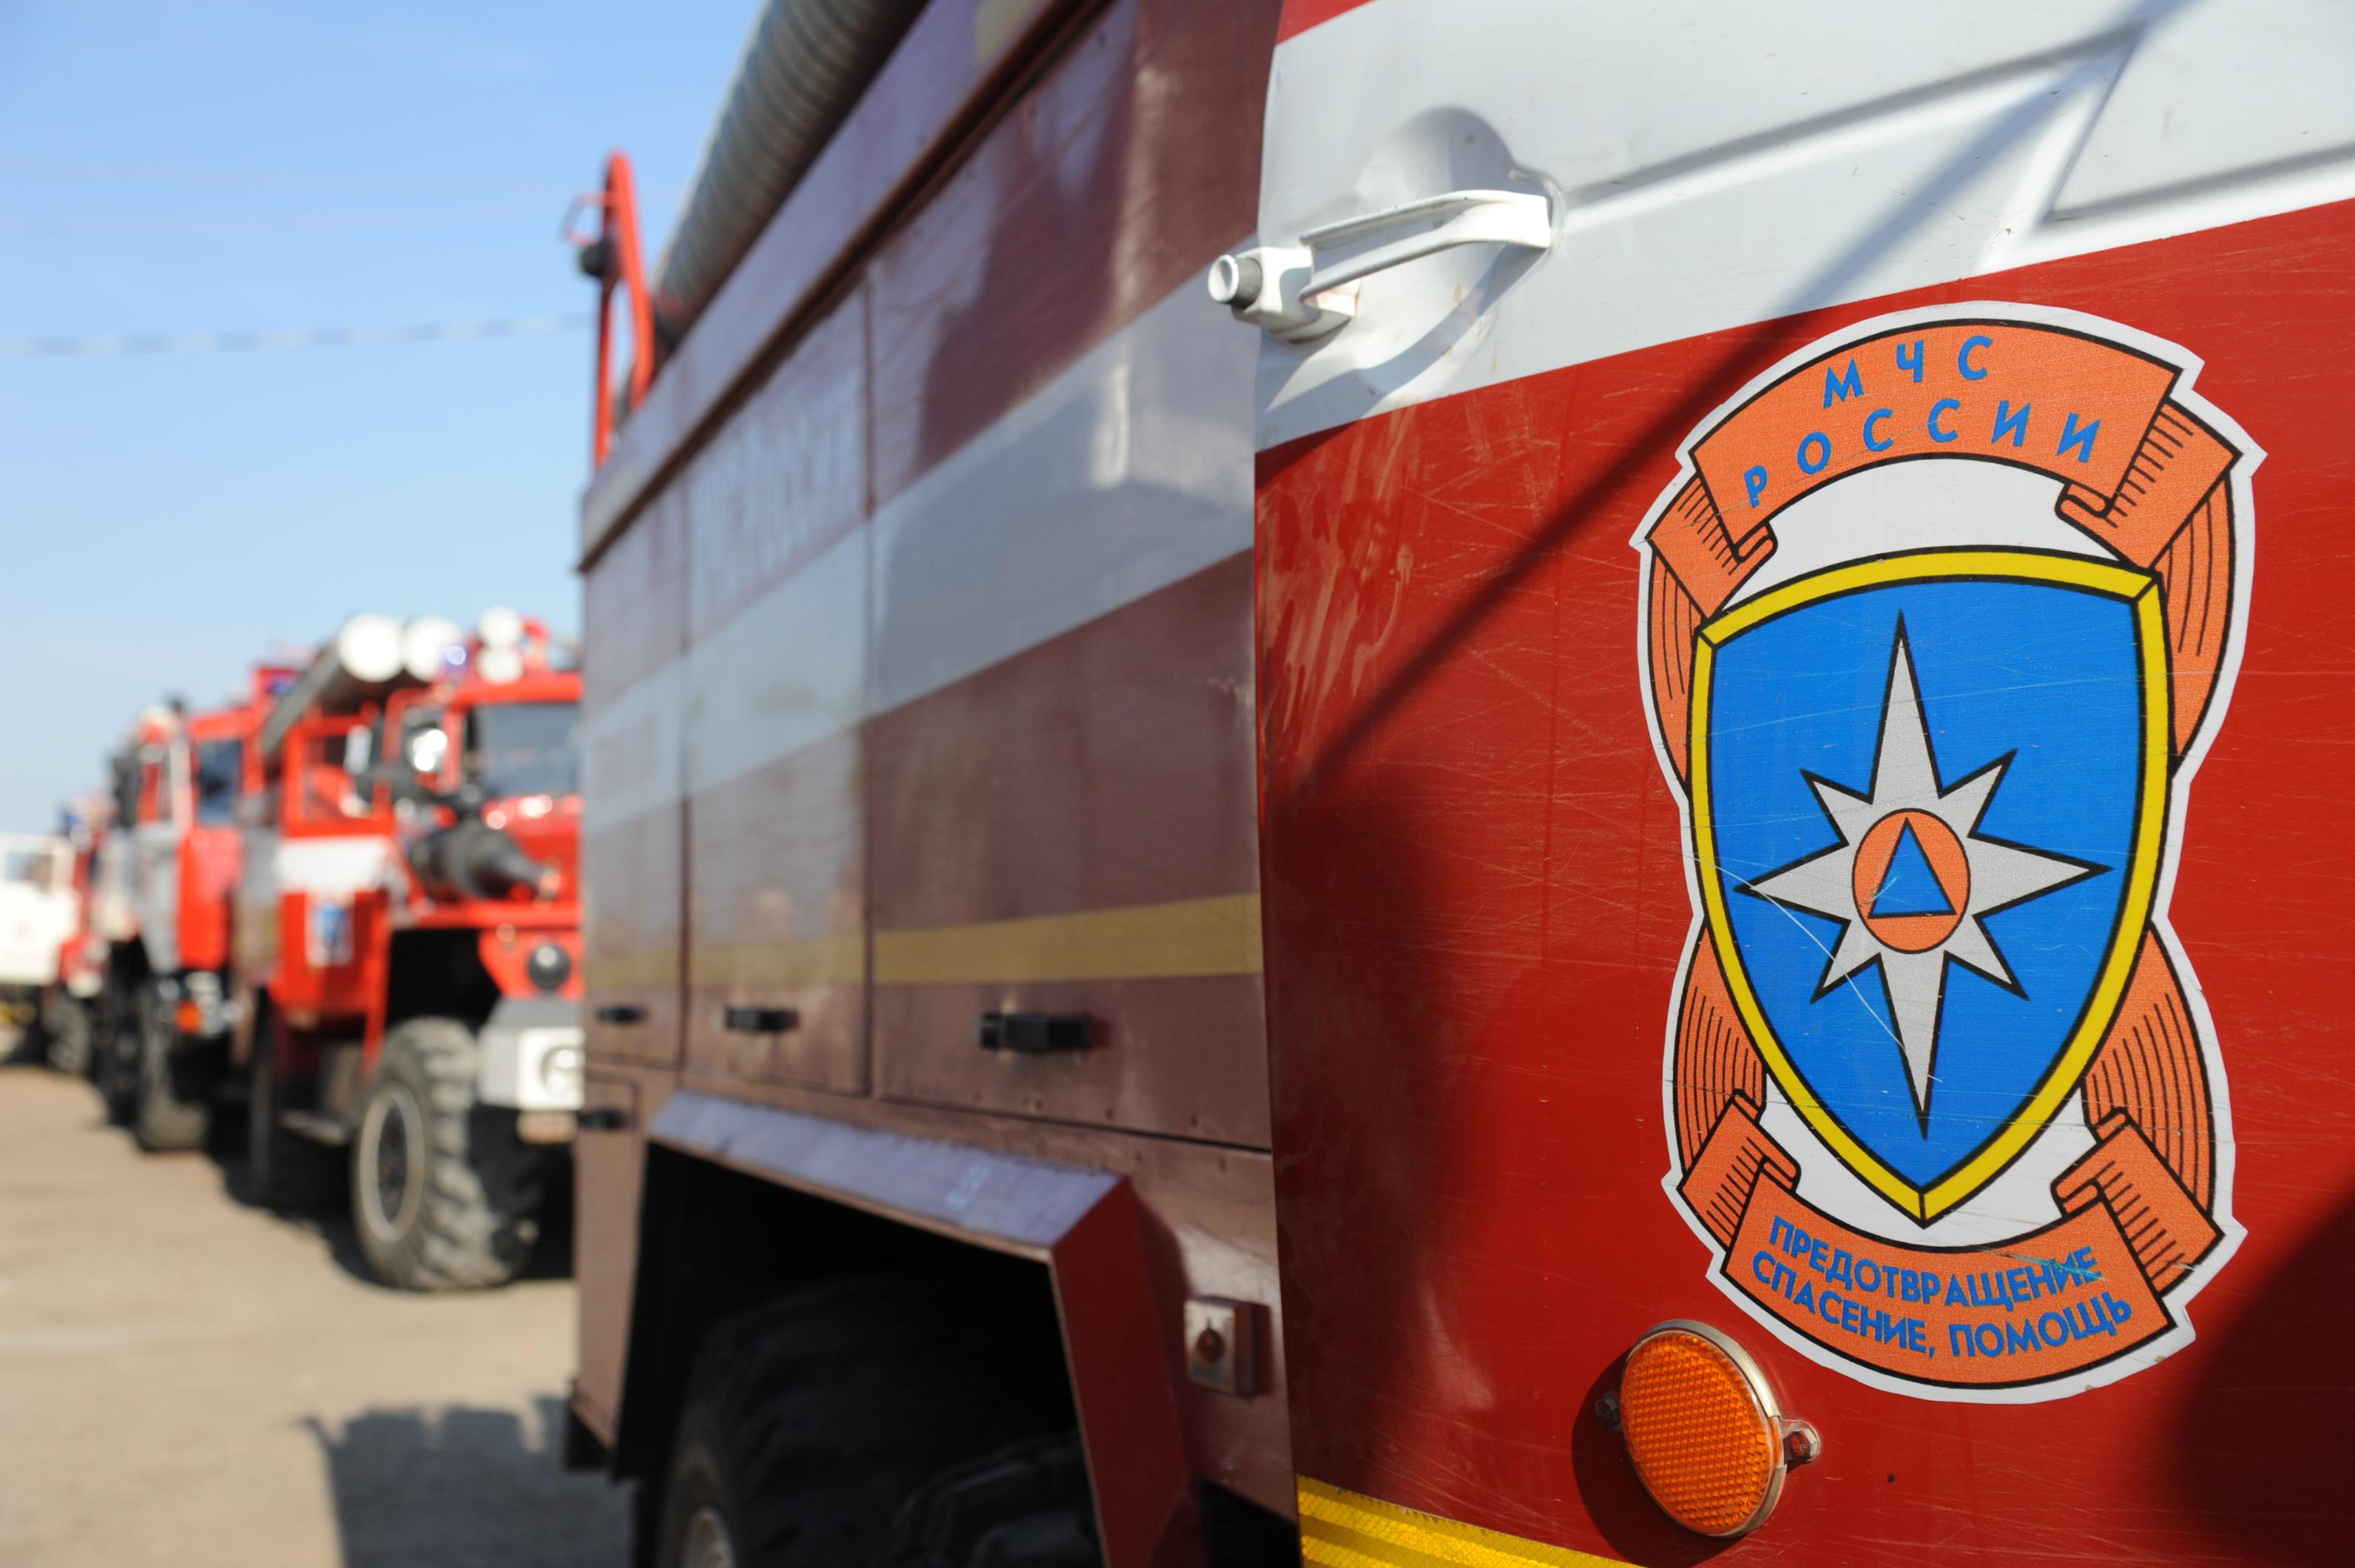 ВСуровикинском районе зажегся МАЗ: один человек пострадал, один умер